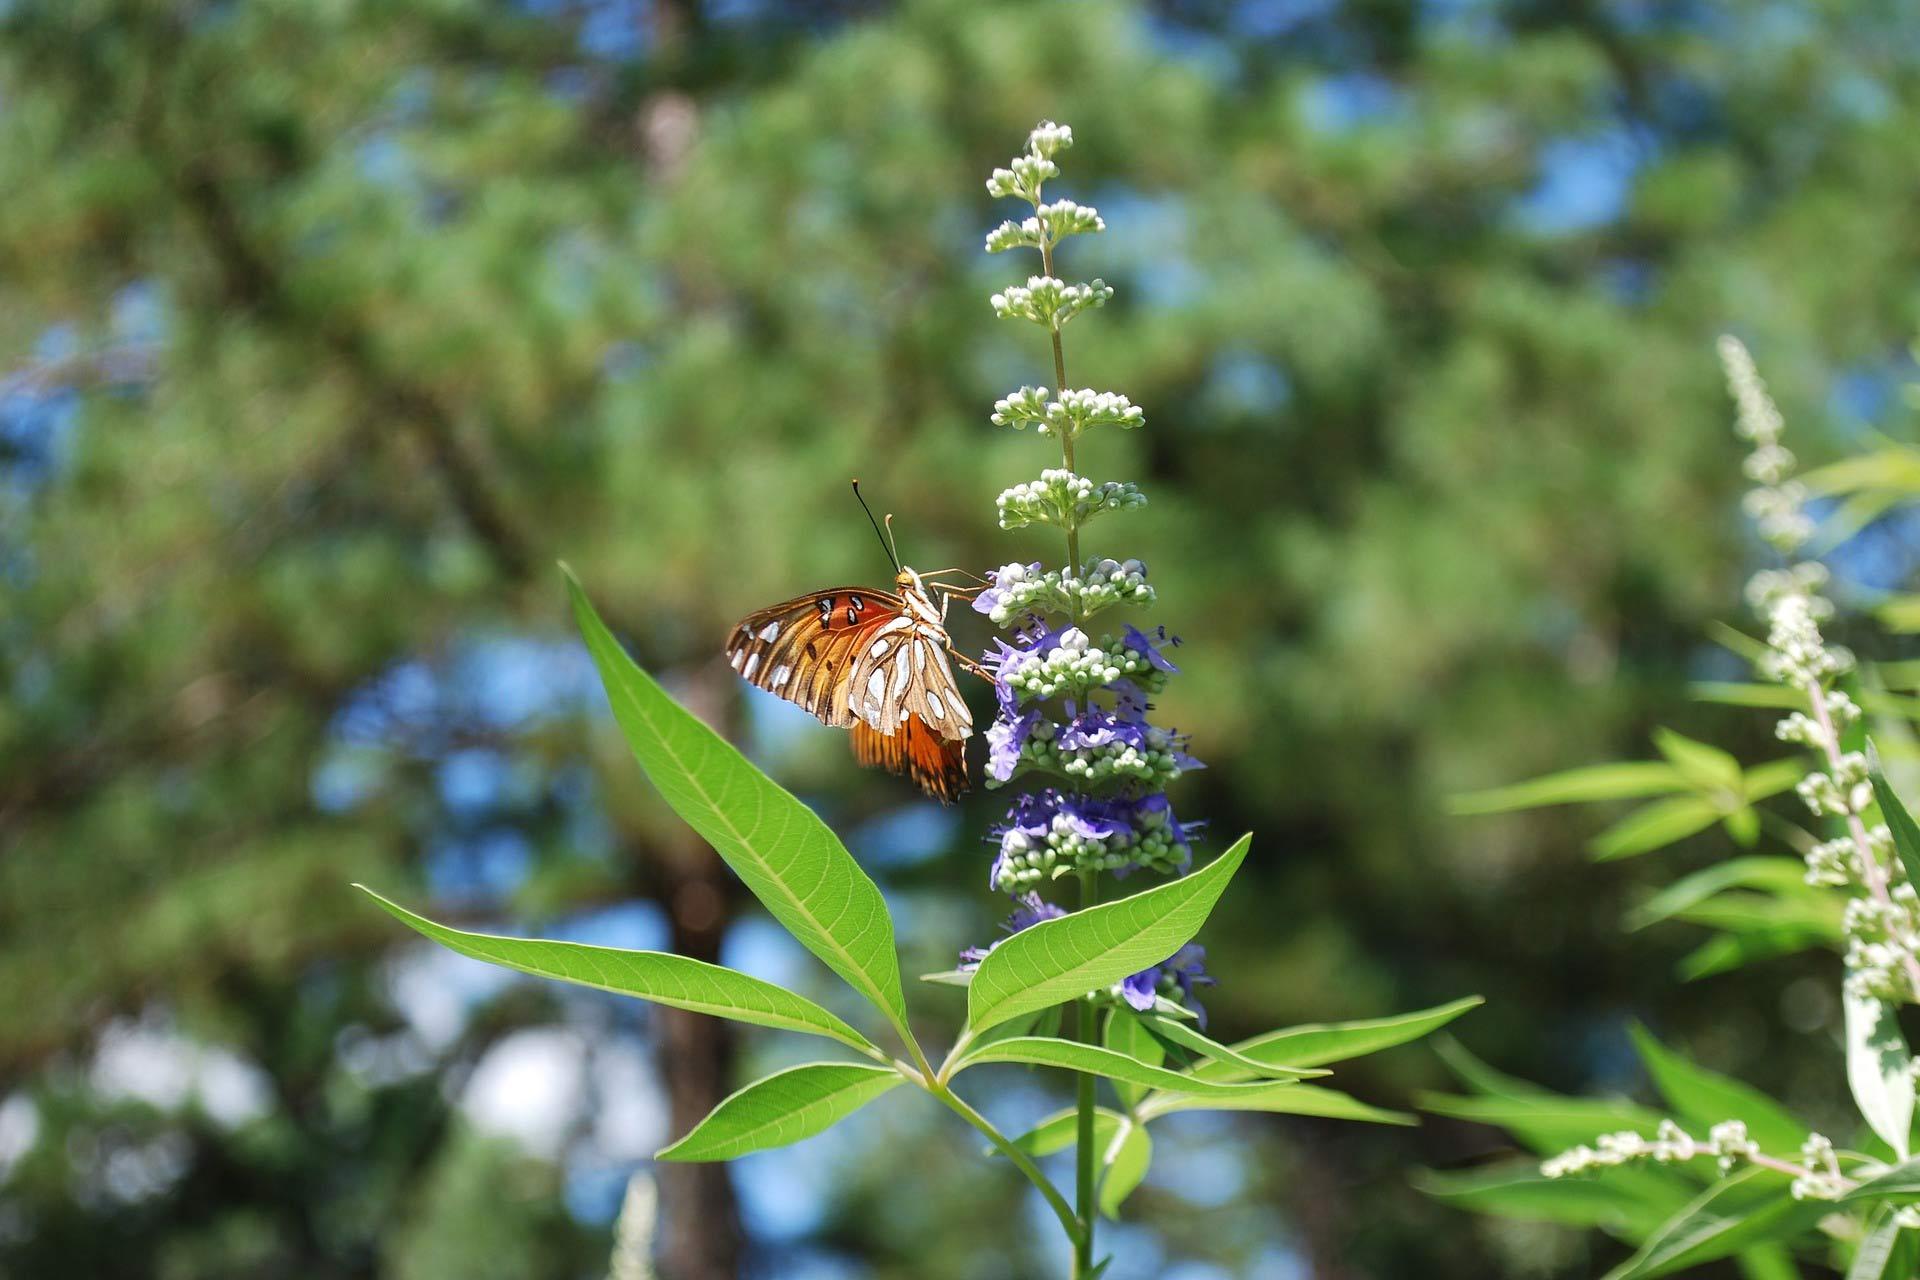 Konopljika u cvatu s leptirom na cvijetu